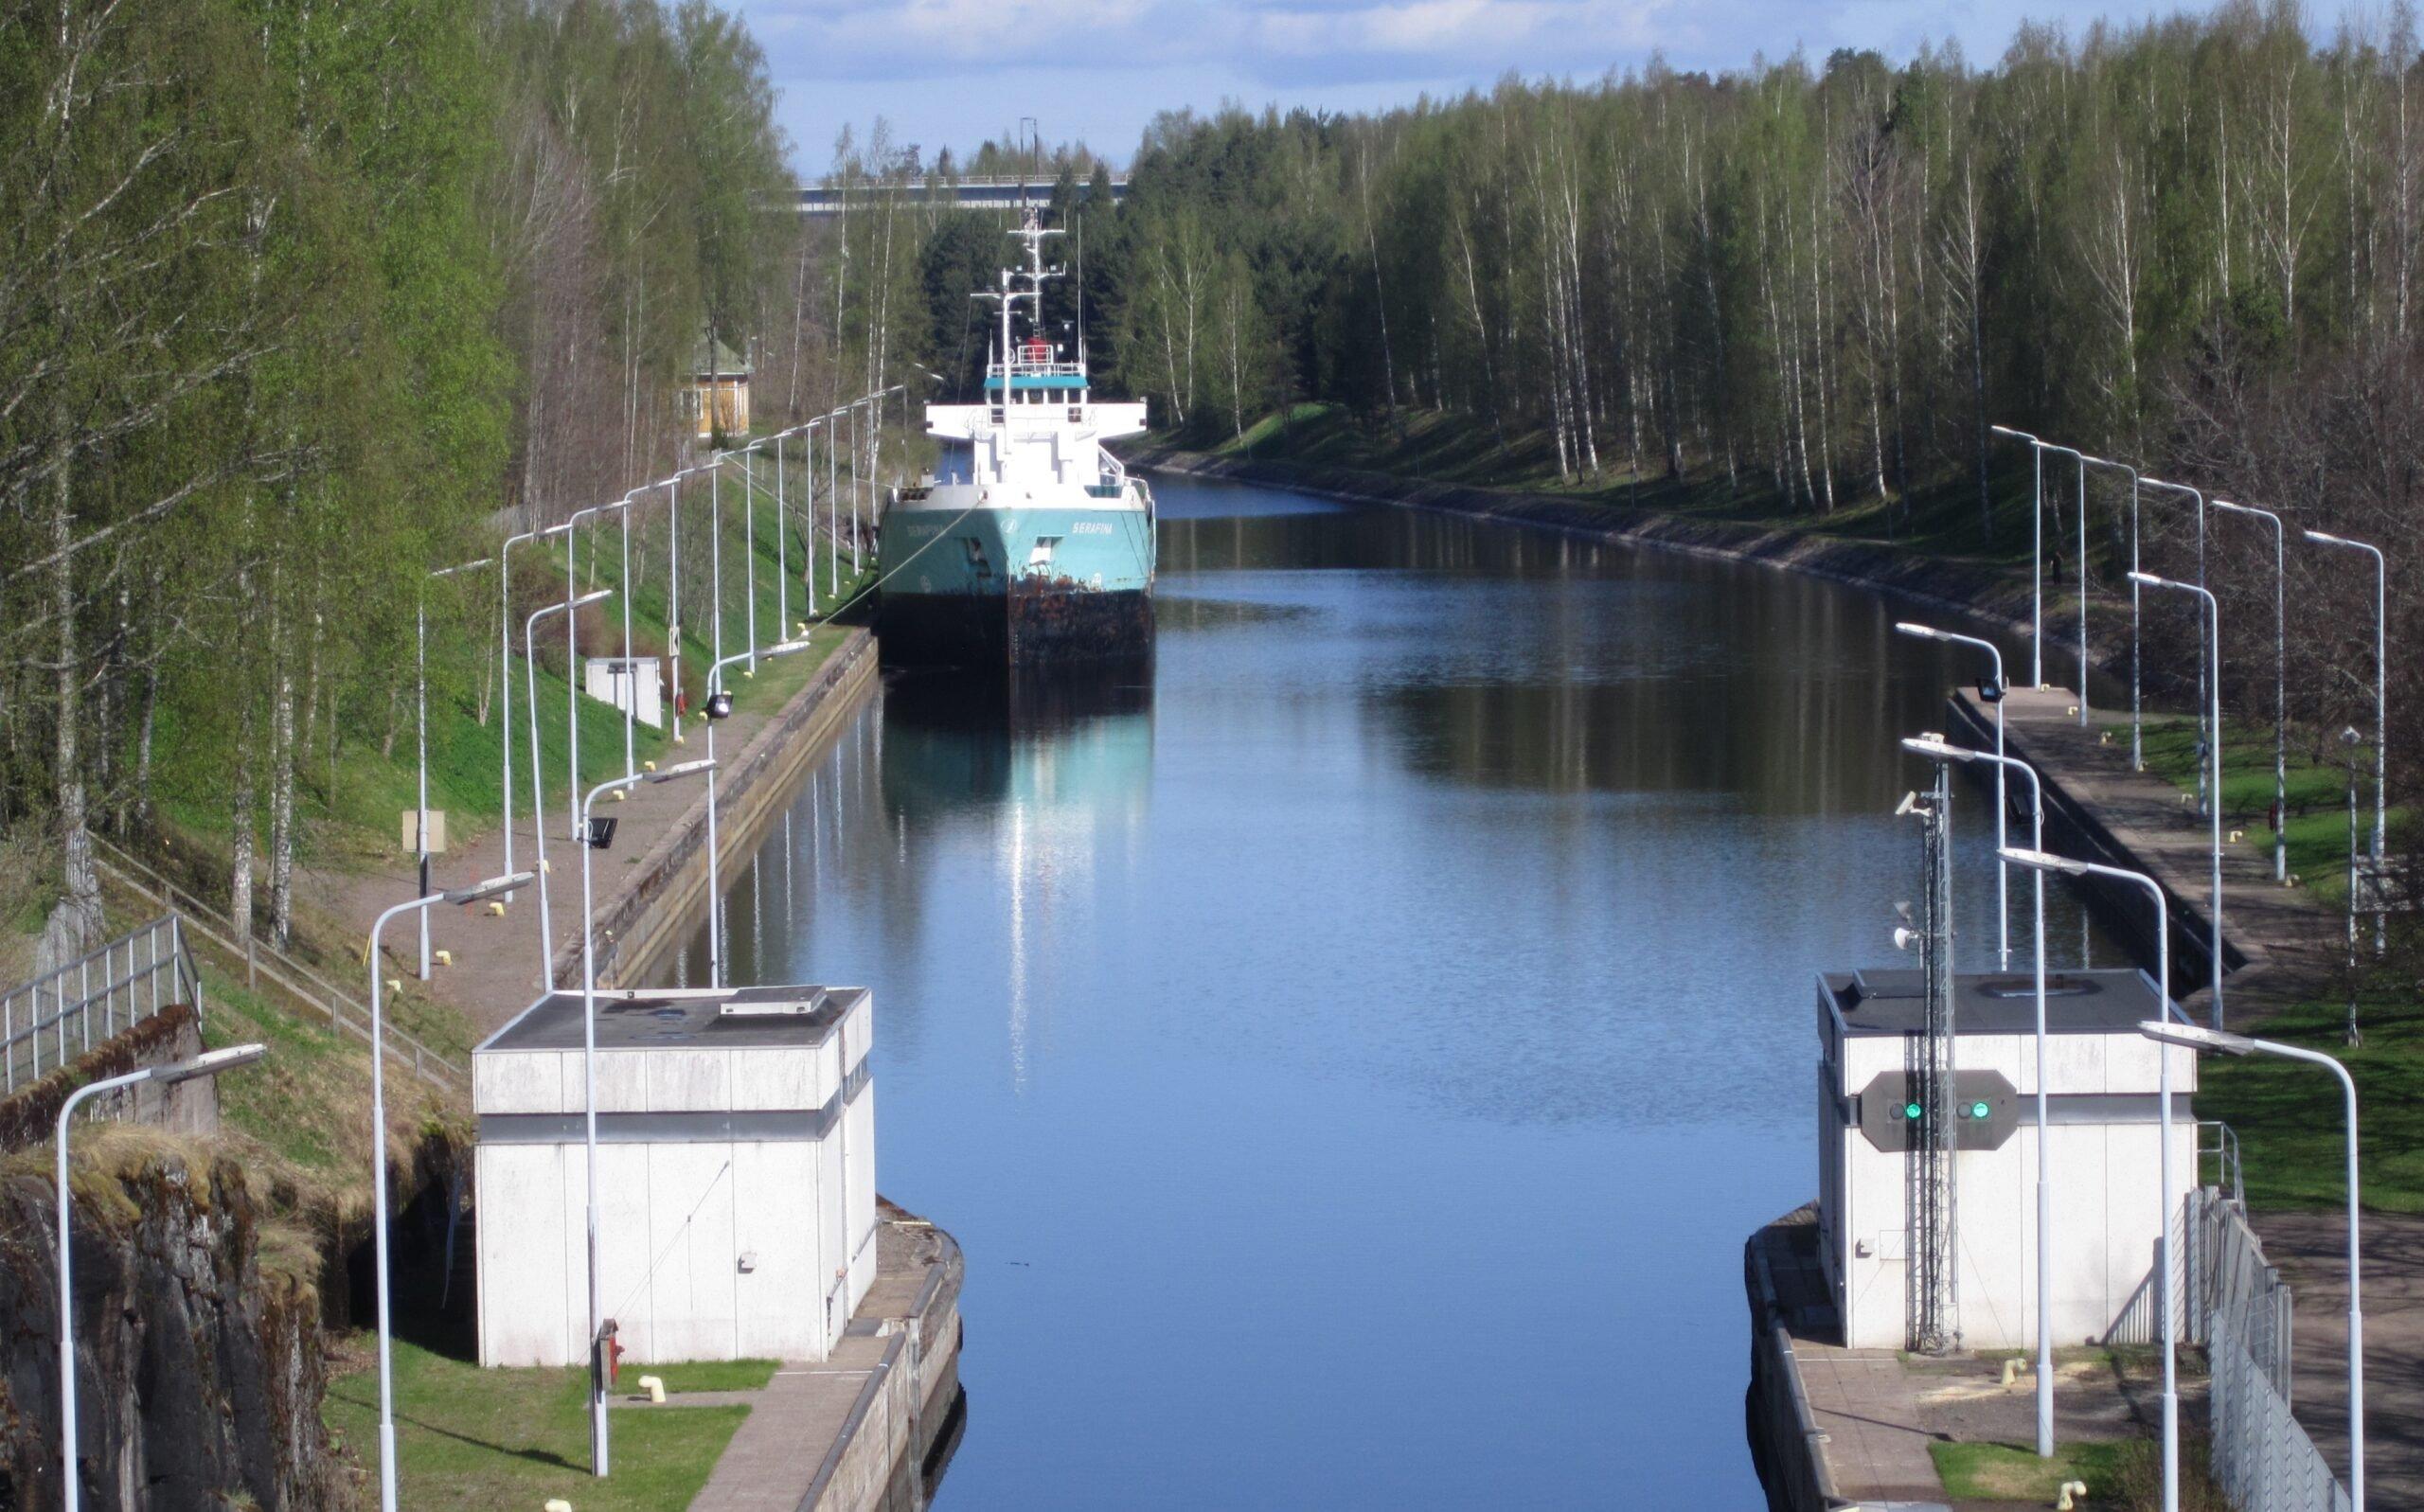 Laiva seisoo Saimaan kanavassa odottamassa sulkuun pääsyä.